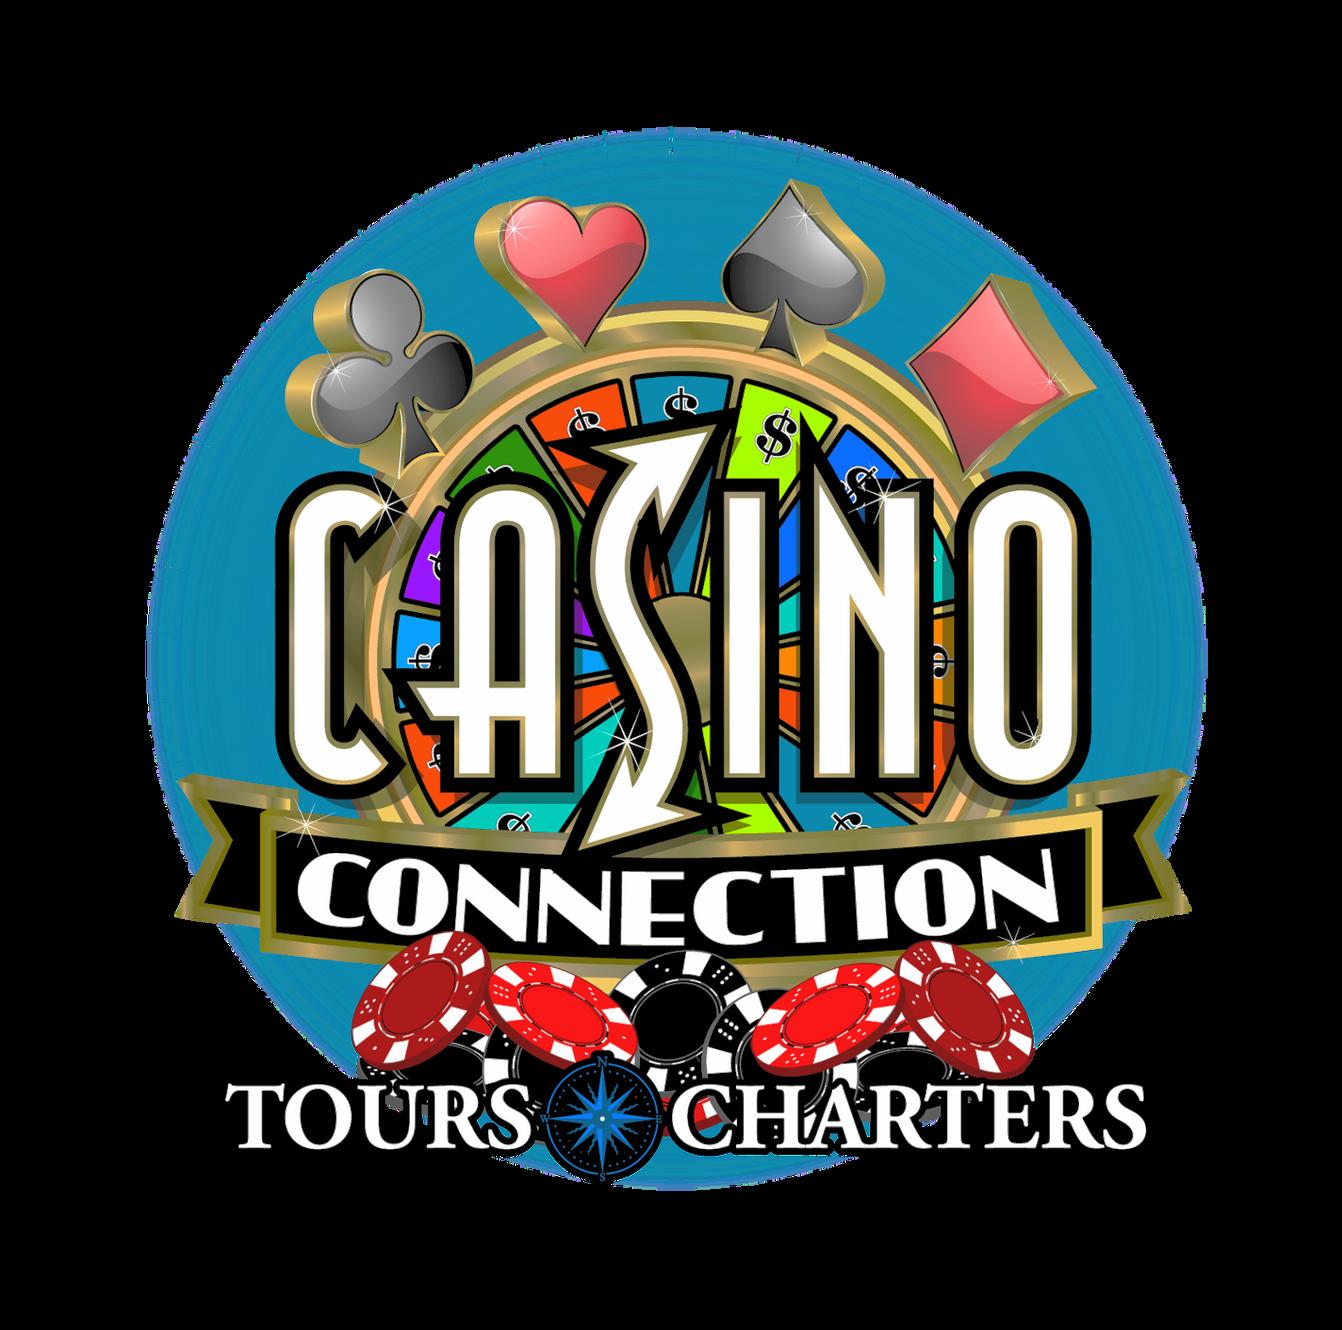 casino connection melbourne florida